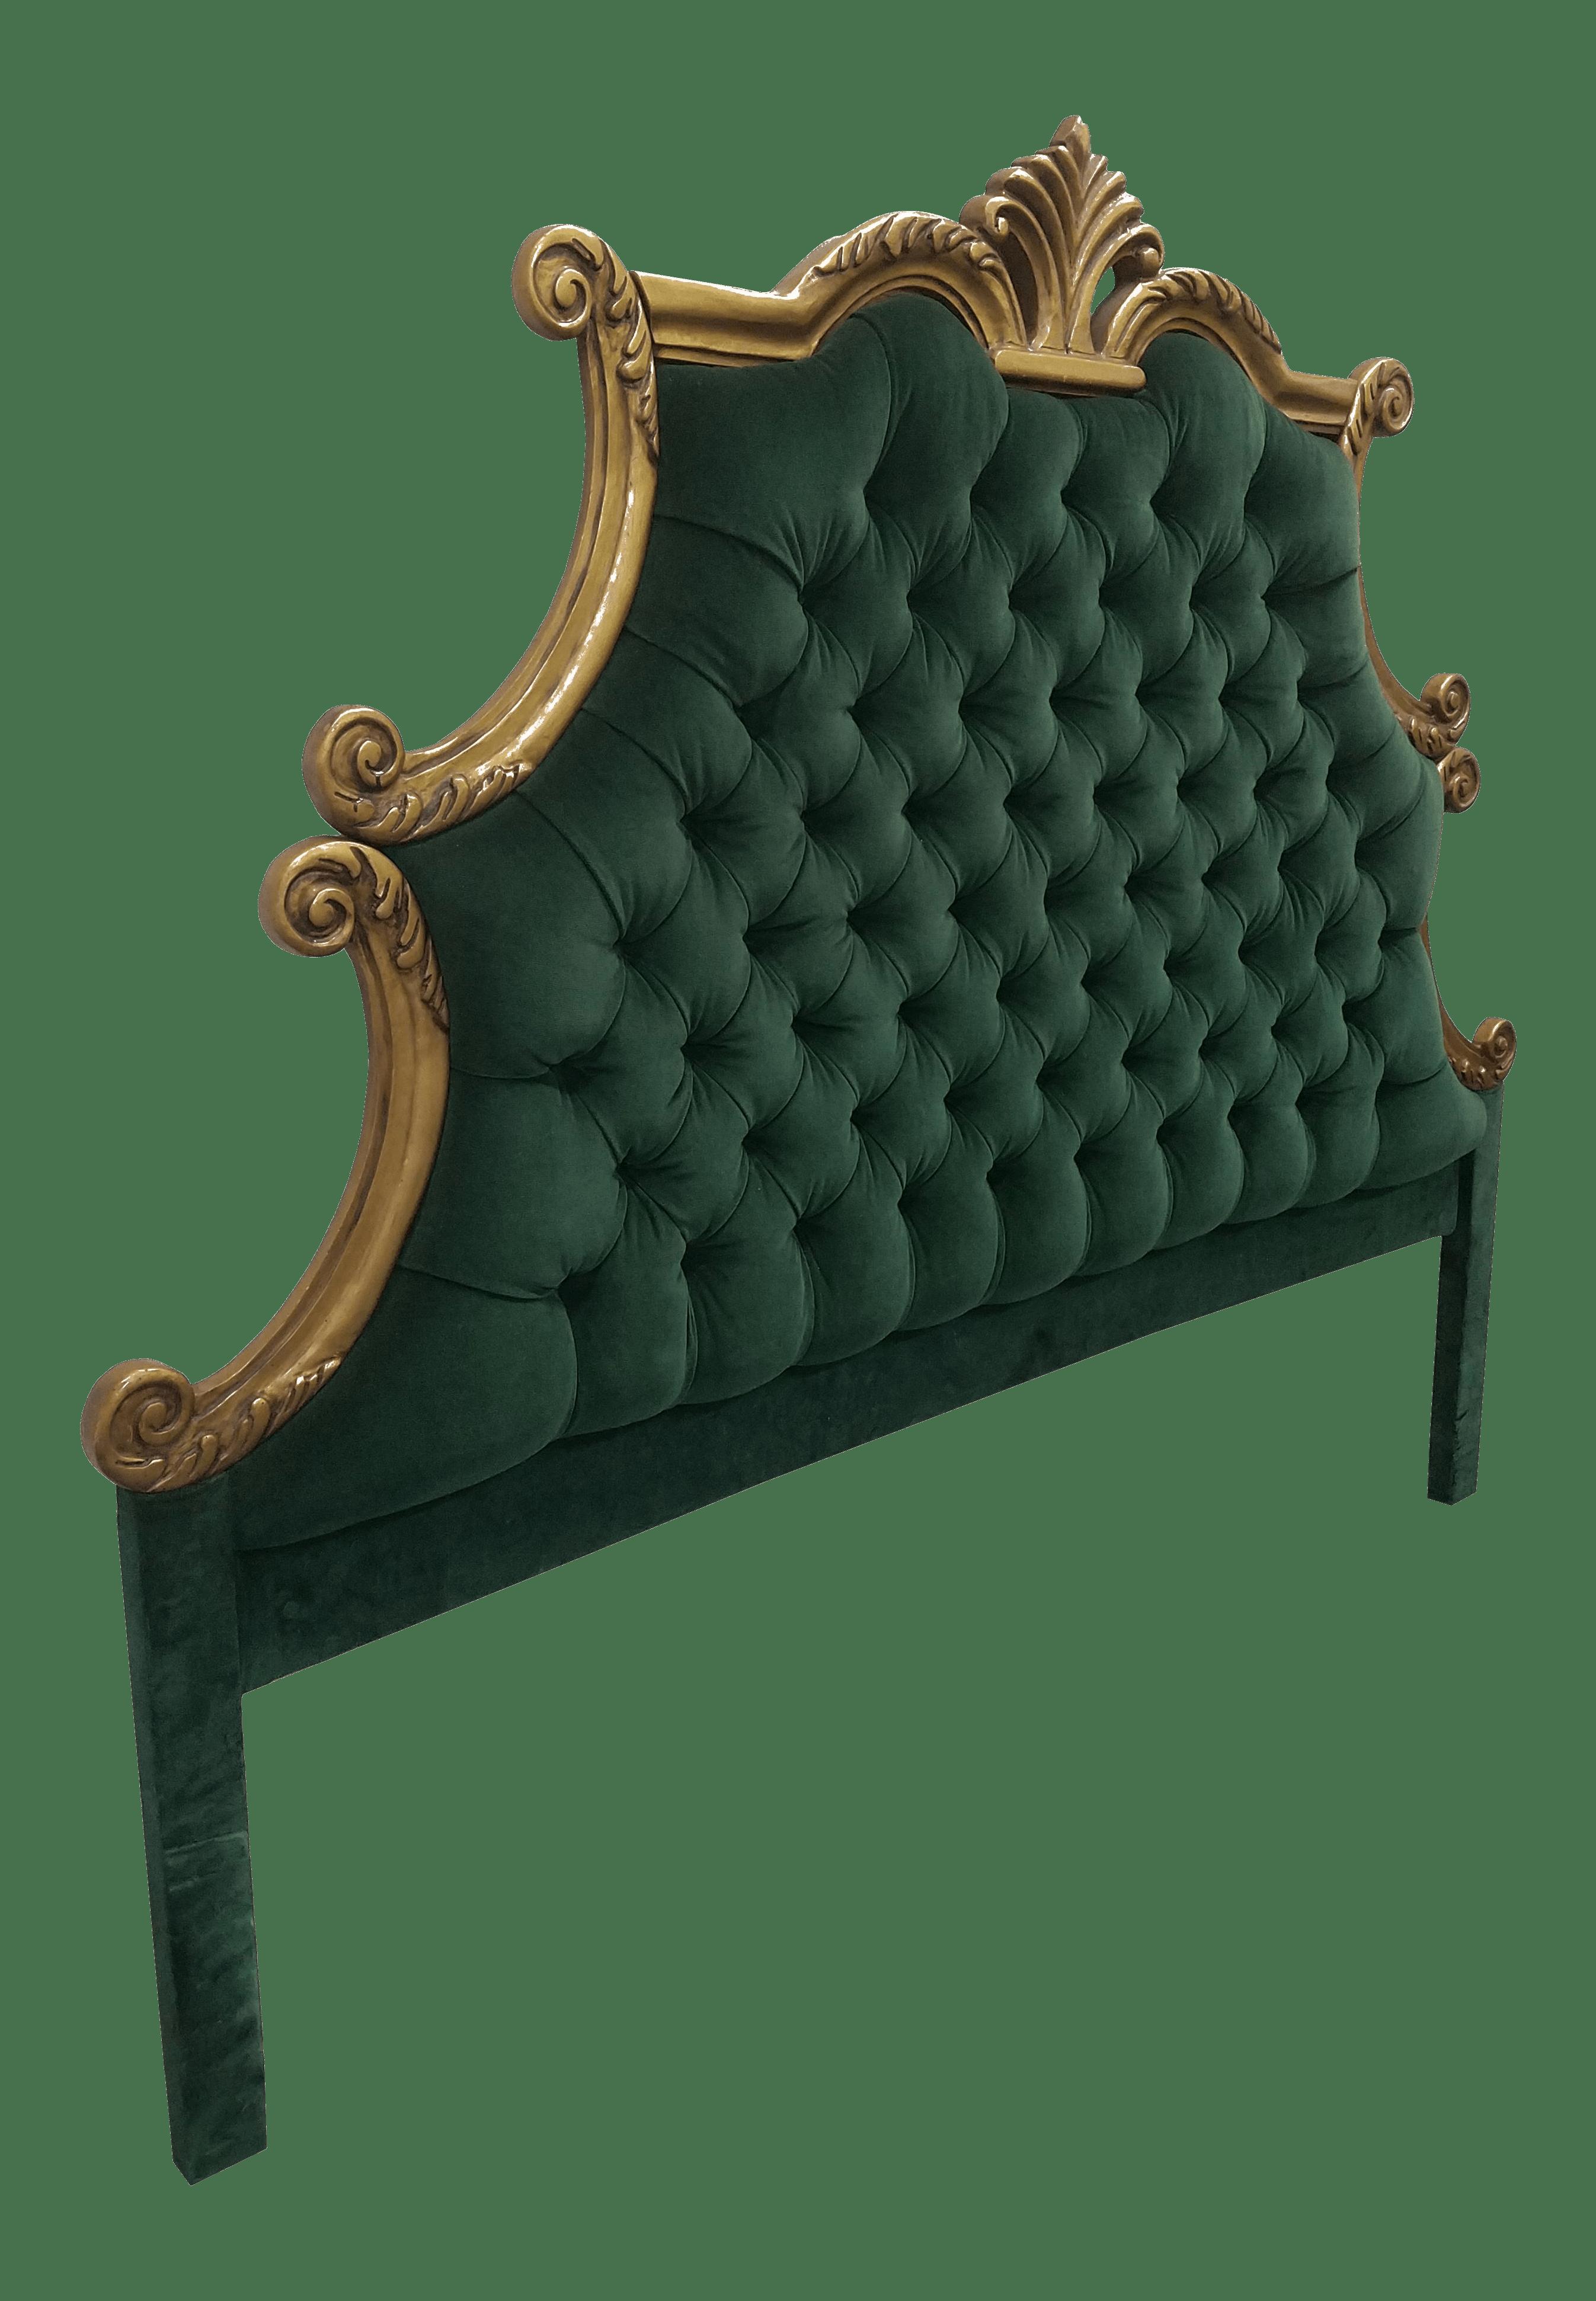 Hollywood Regency Style Green Velvet Tufted King Headboard